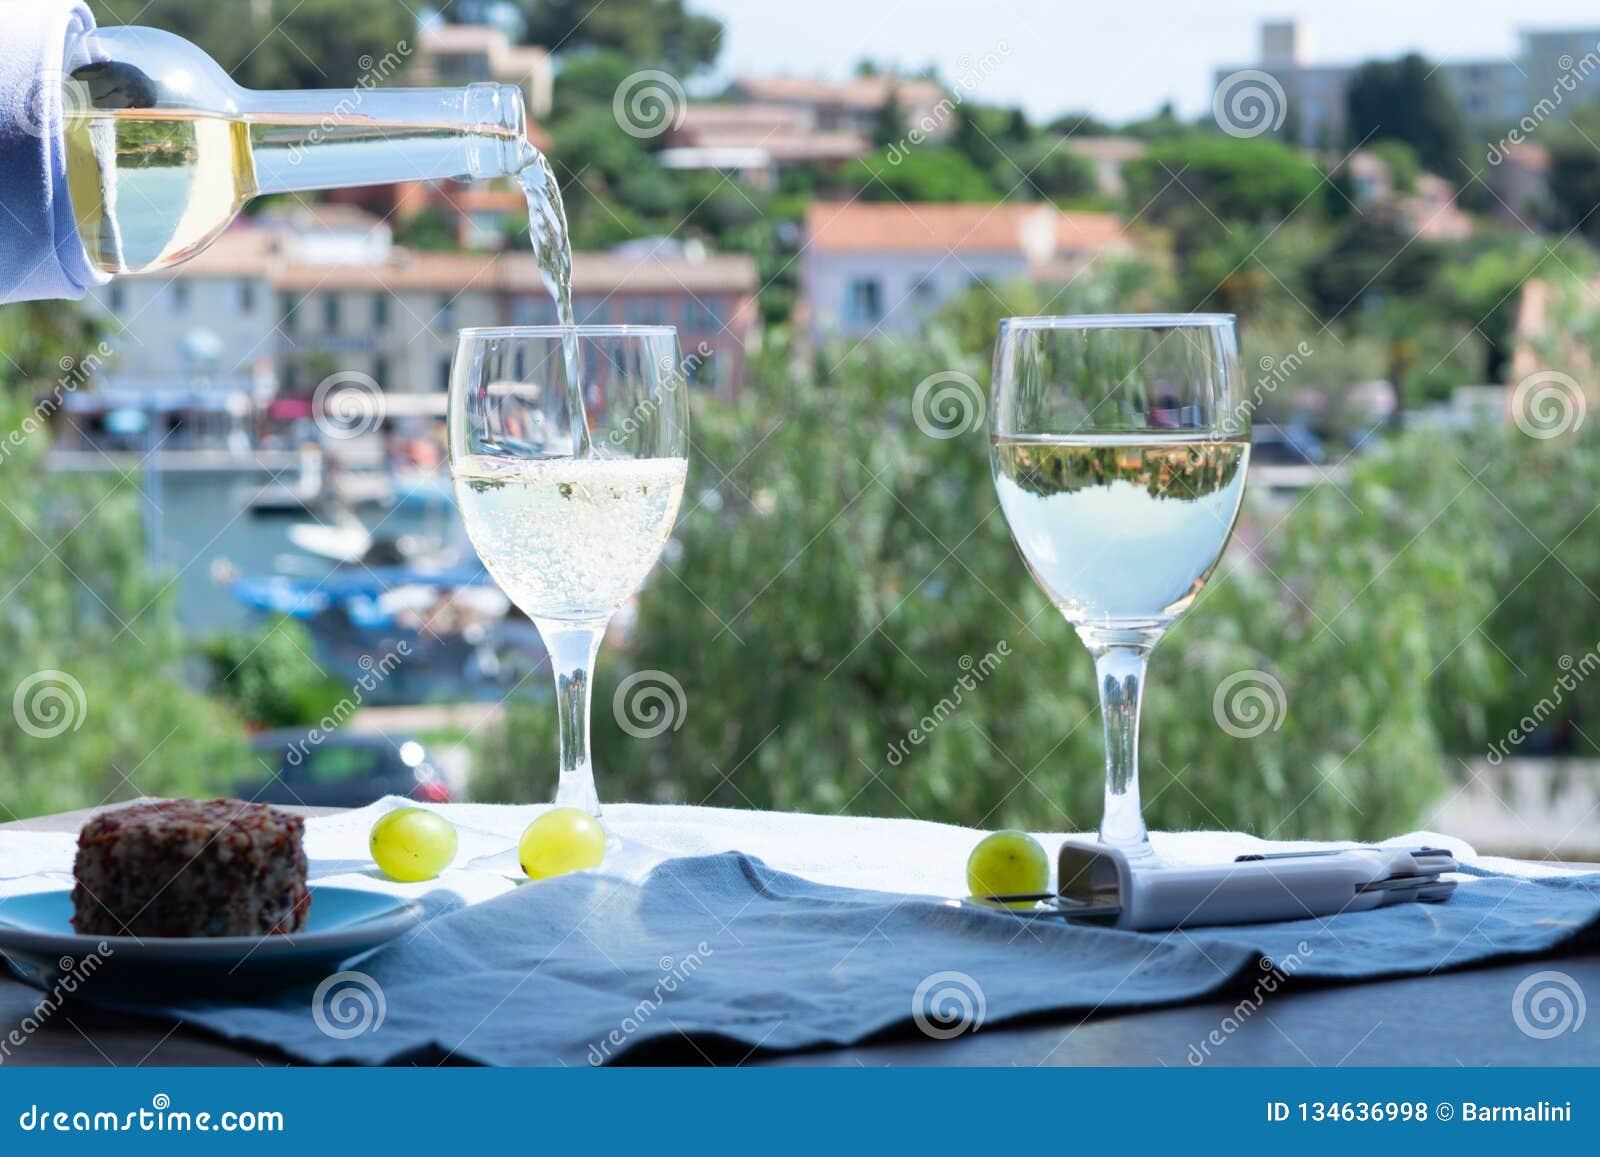 Le vin blanc de la Provence, France, a servi le froid avec du fromage de chèvre mou sur la terrasse extérieure en deux verres de